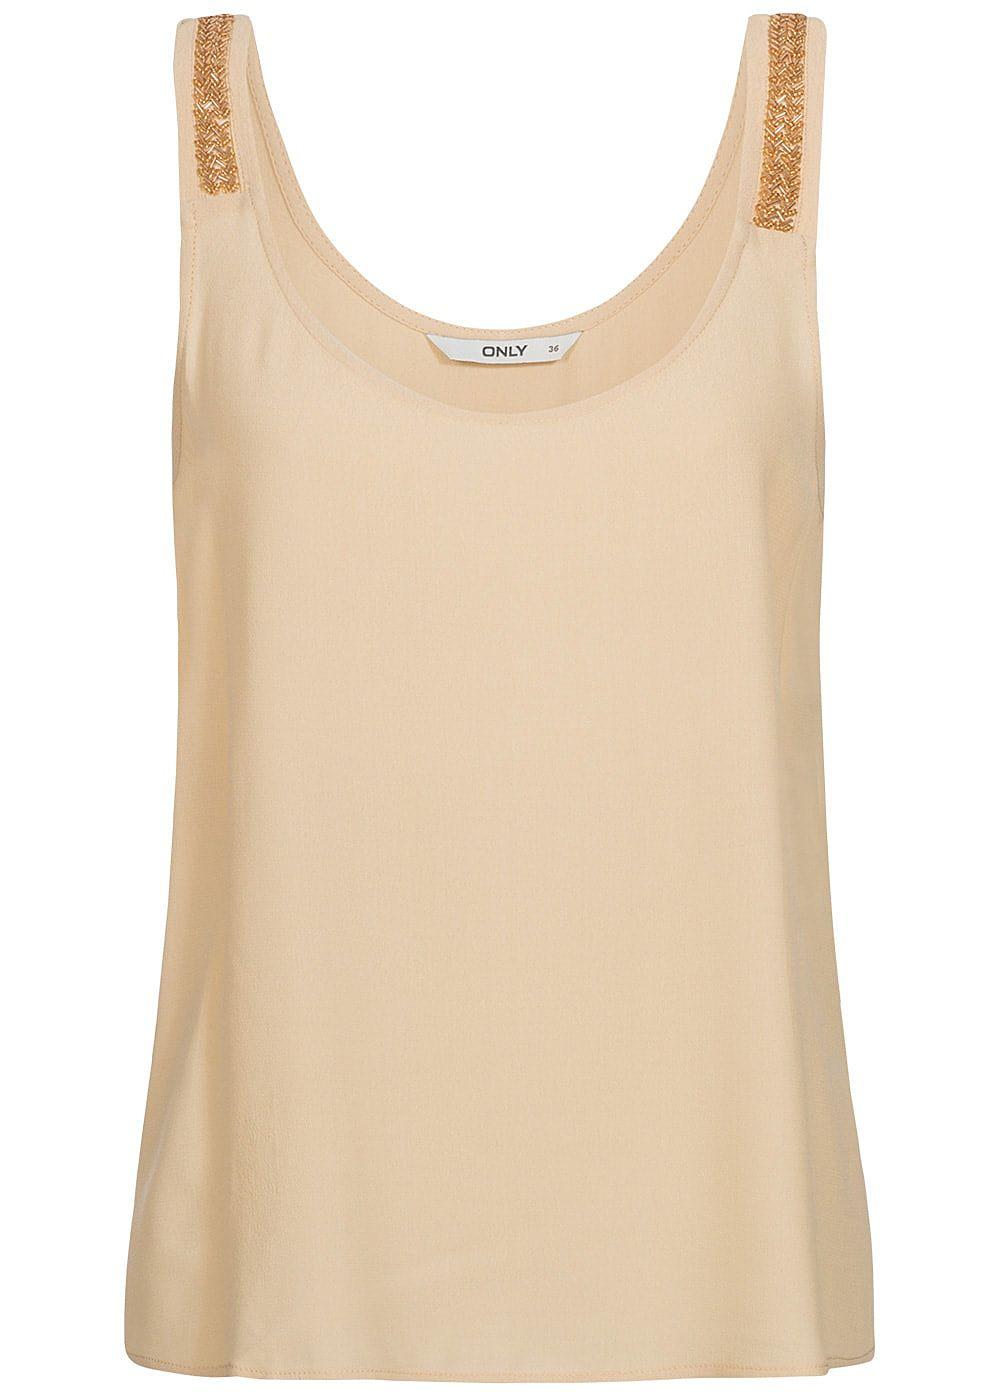 Only damen top deko perlen brazzilian sand beige for Top deko shop